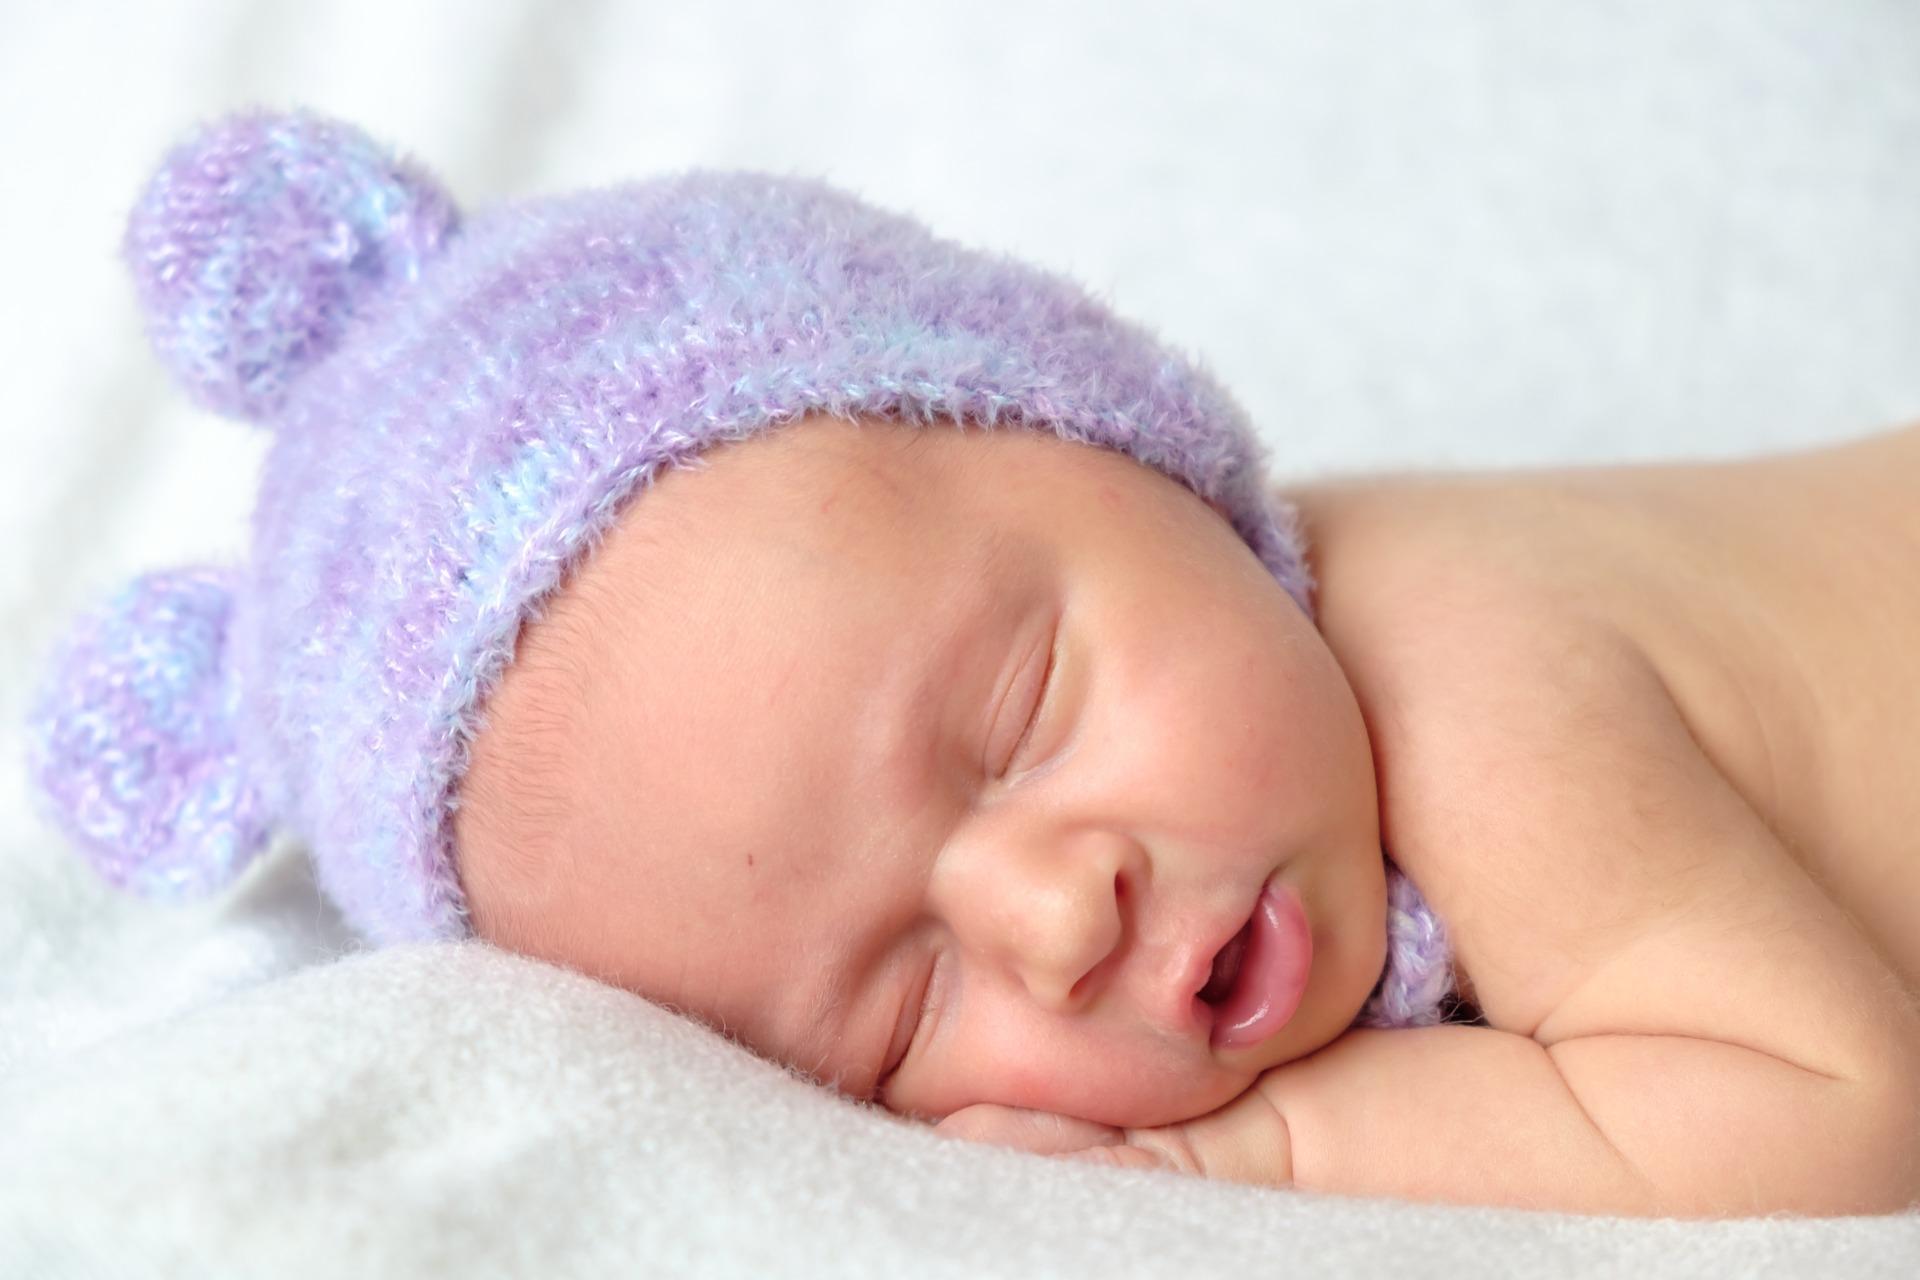 ВГолландии 11 младенцев умерли после эксперимента сВиагрой